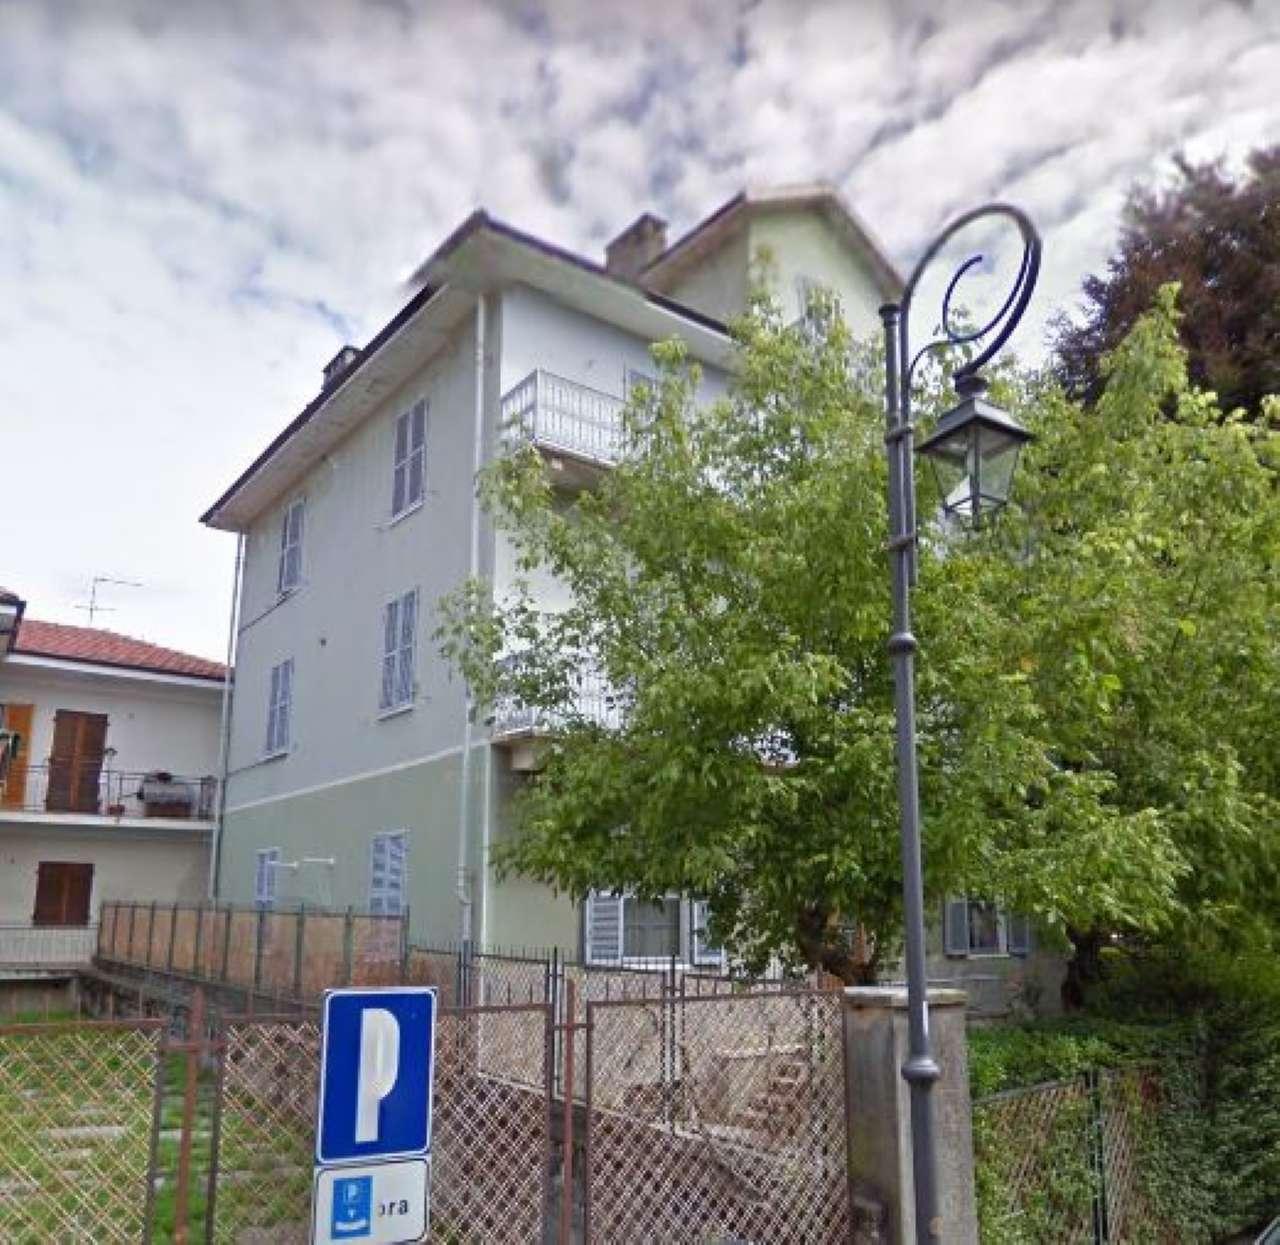 Appartamento in vendita a Coazze, 5 locali, prezzo € 110.000 | PortaleAgenzieImmobiliari.it